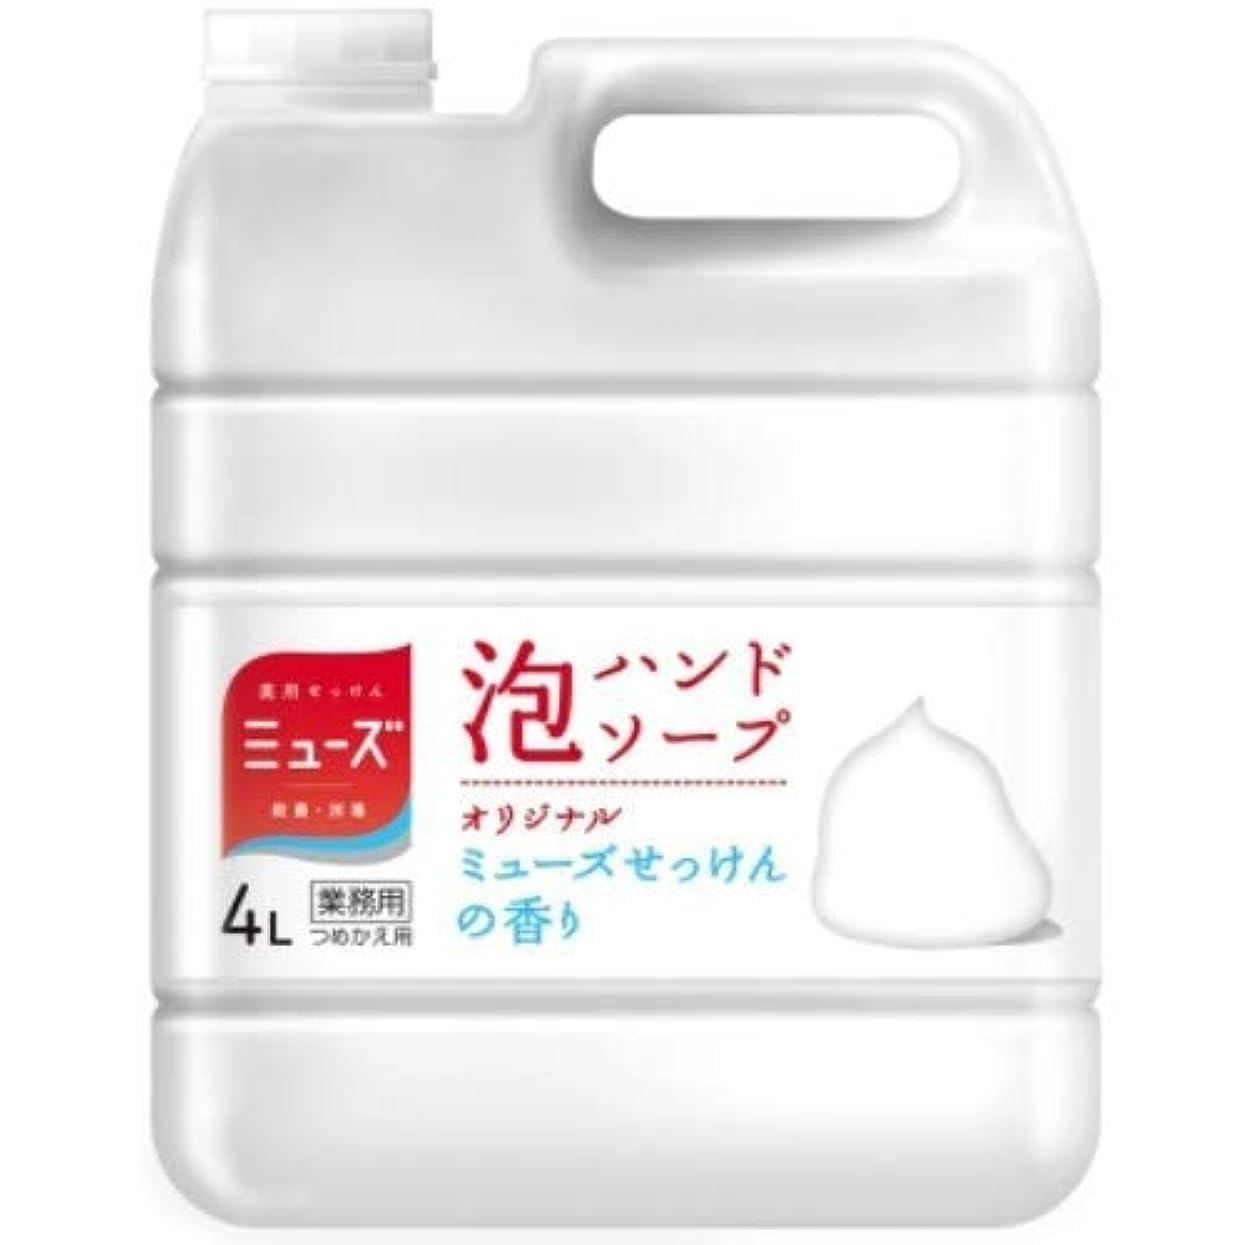 法医学できれば摂動【医薬部外品】泡ミューズ オリジナル 4L